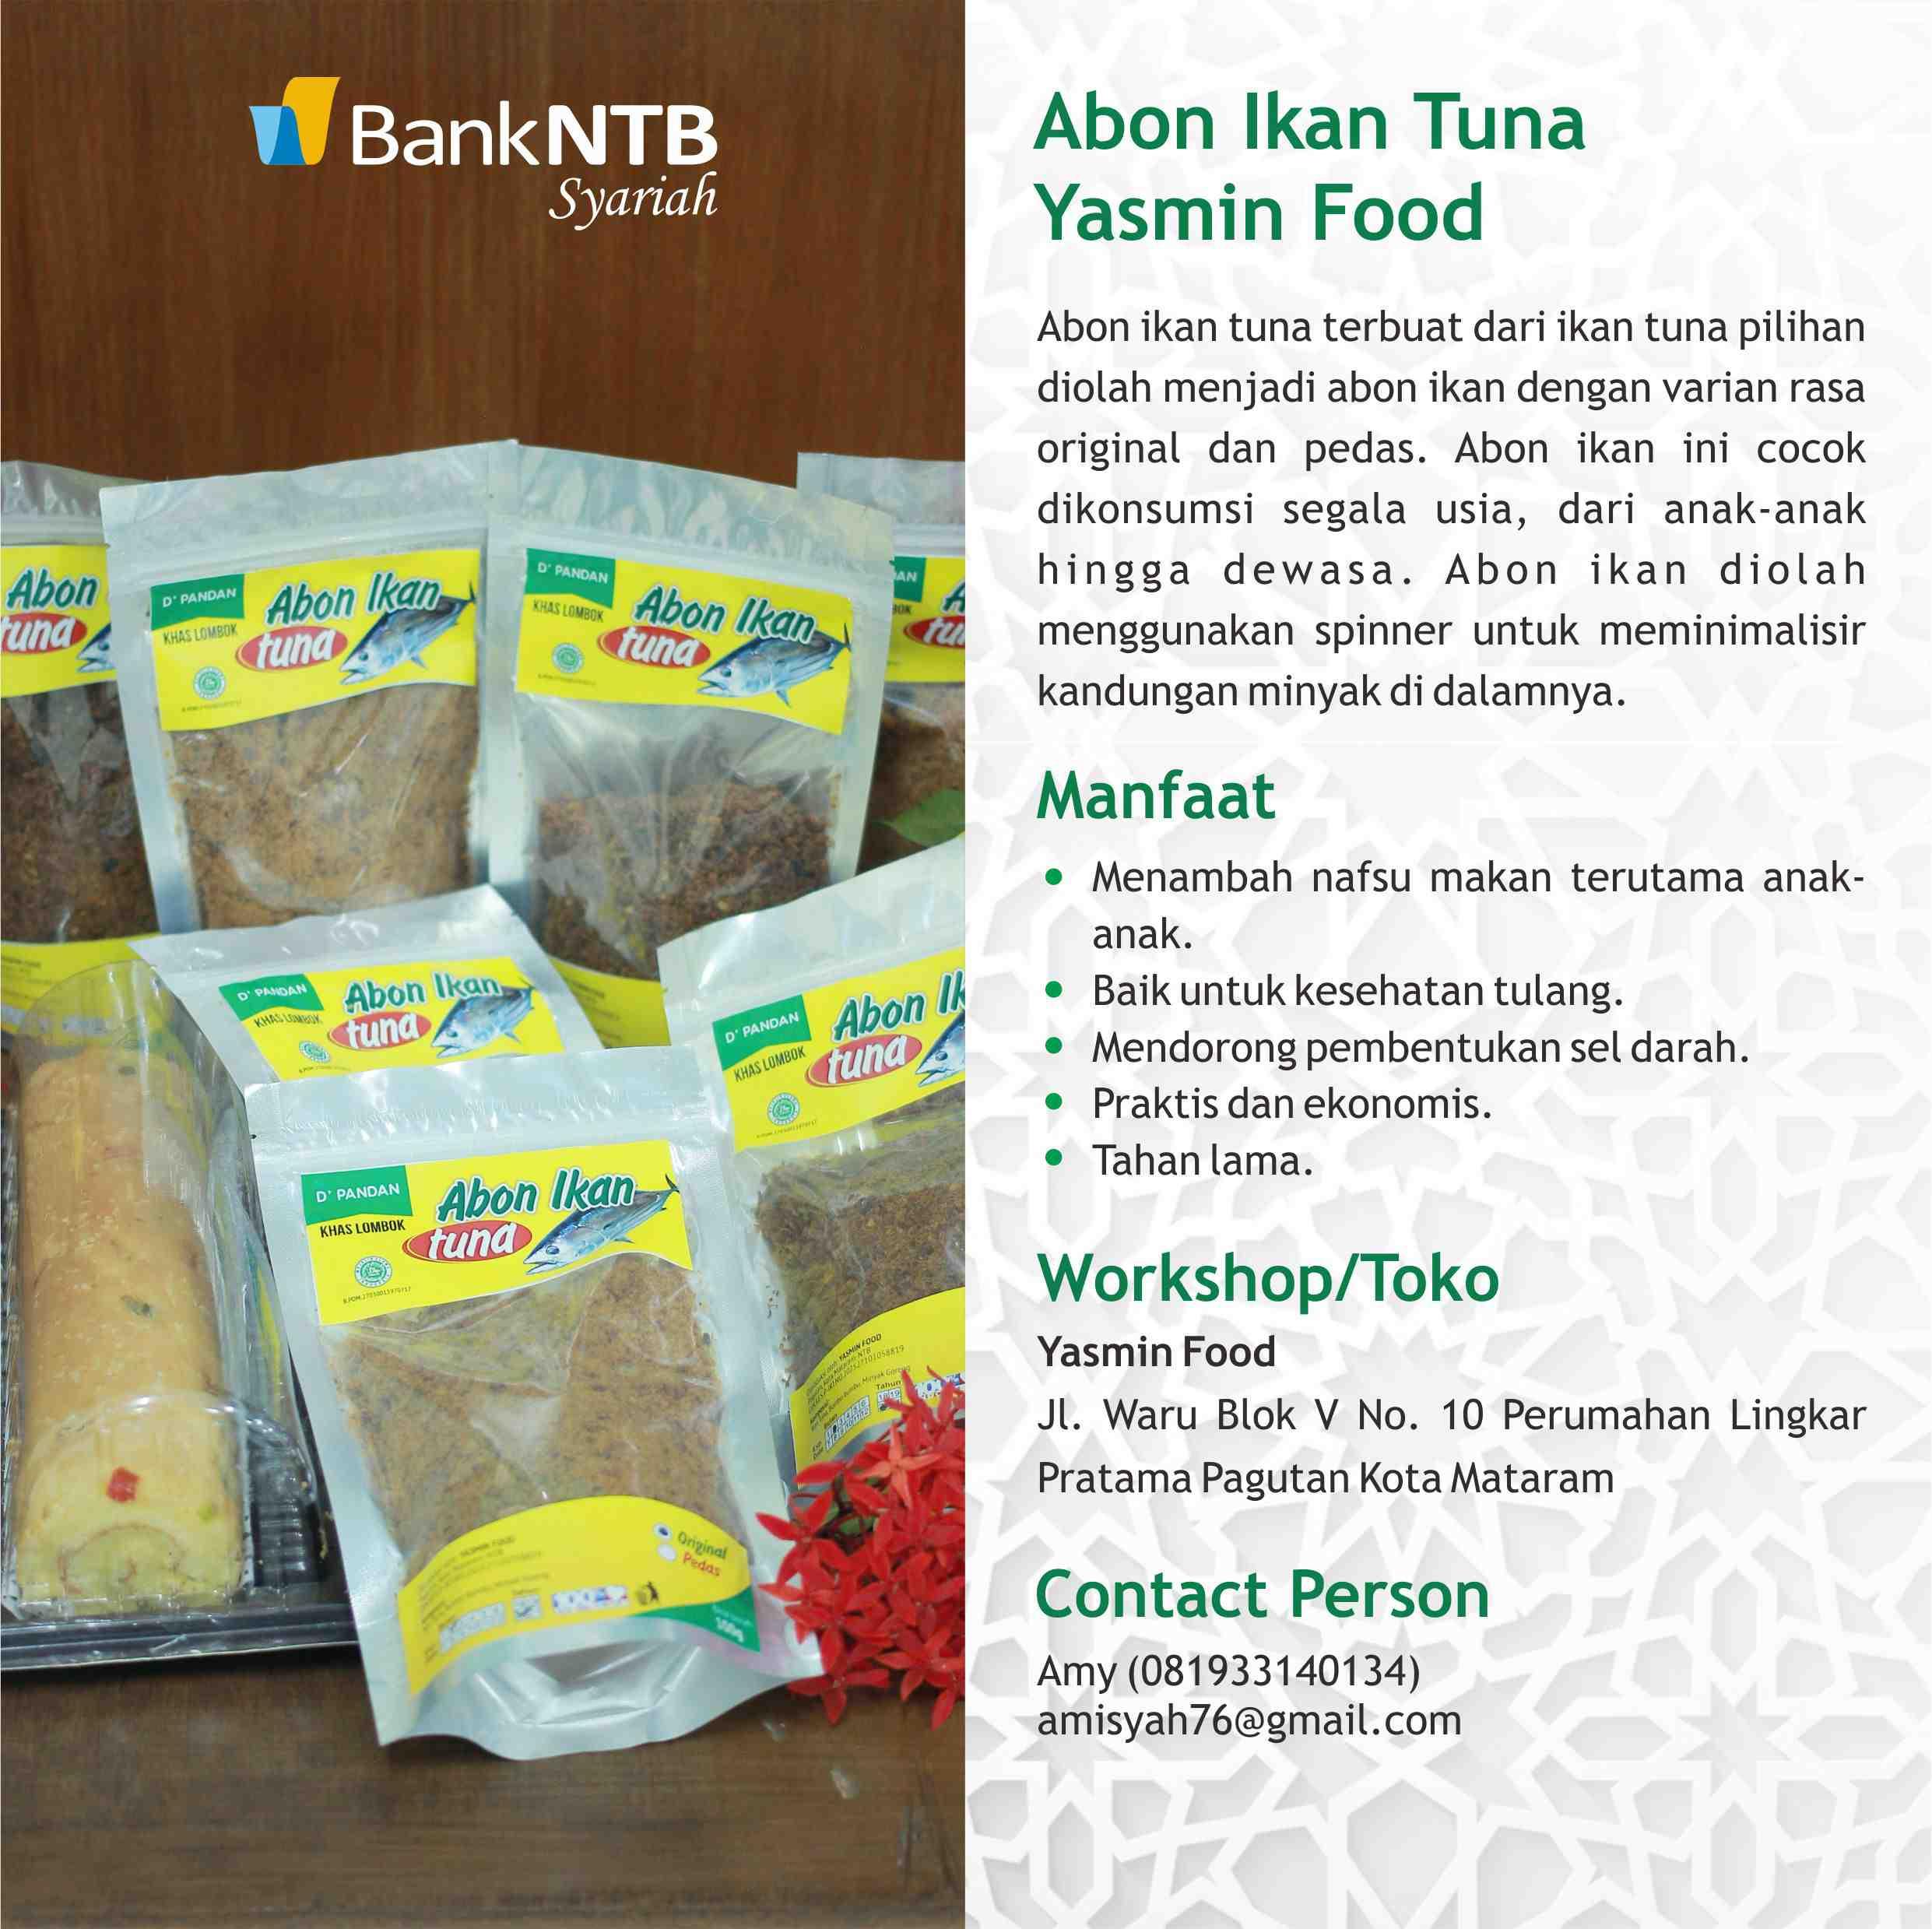 Abon_Ikan_Tuna_Yasmin_Food